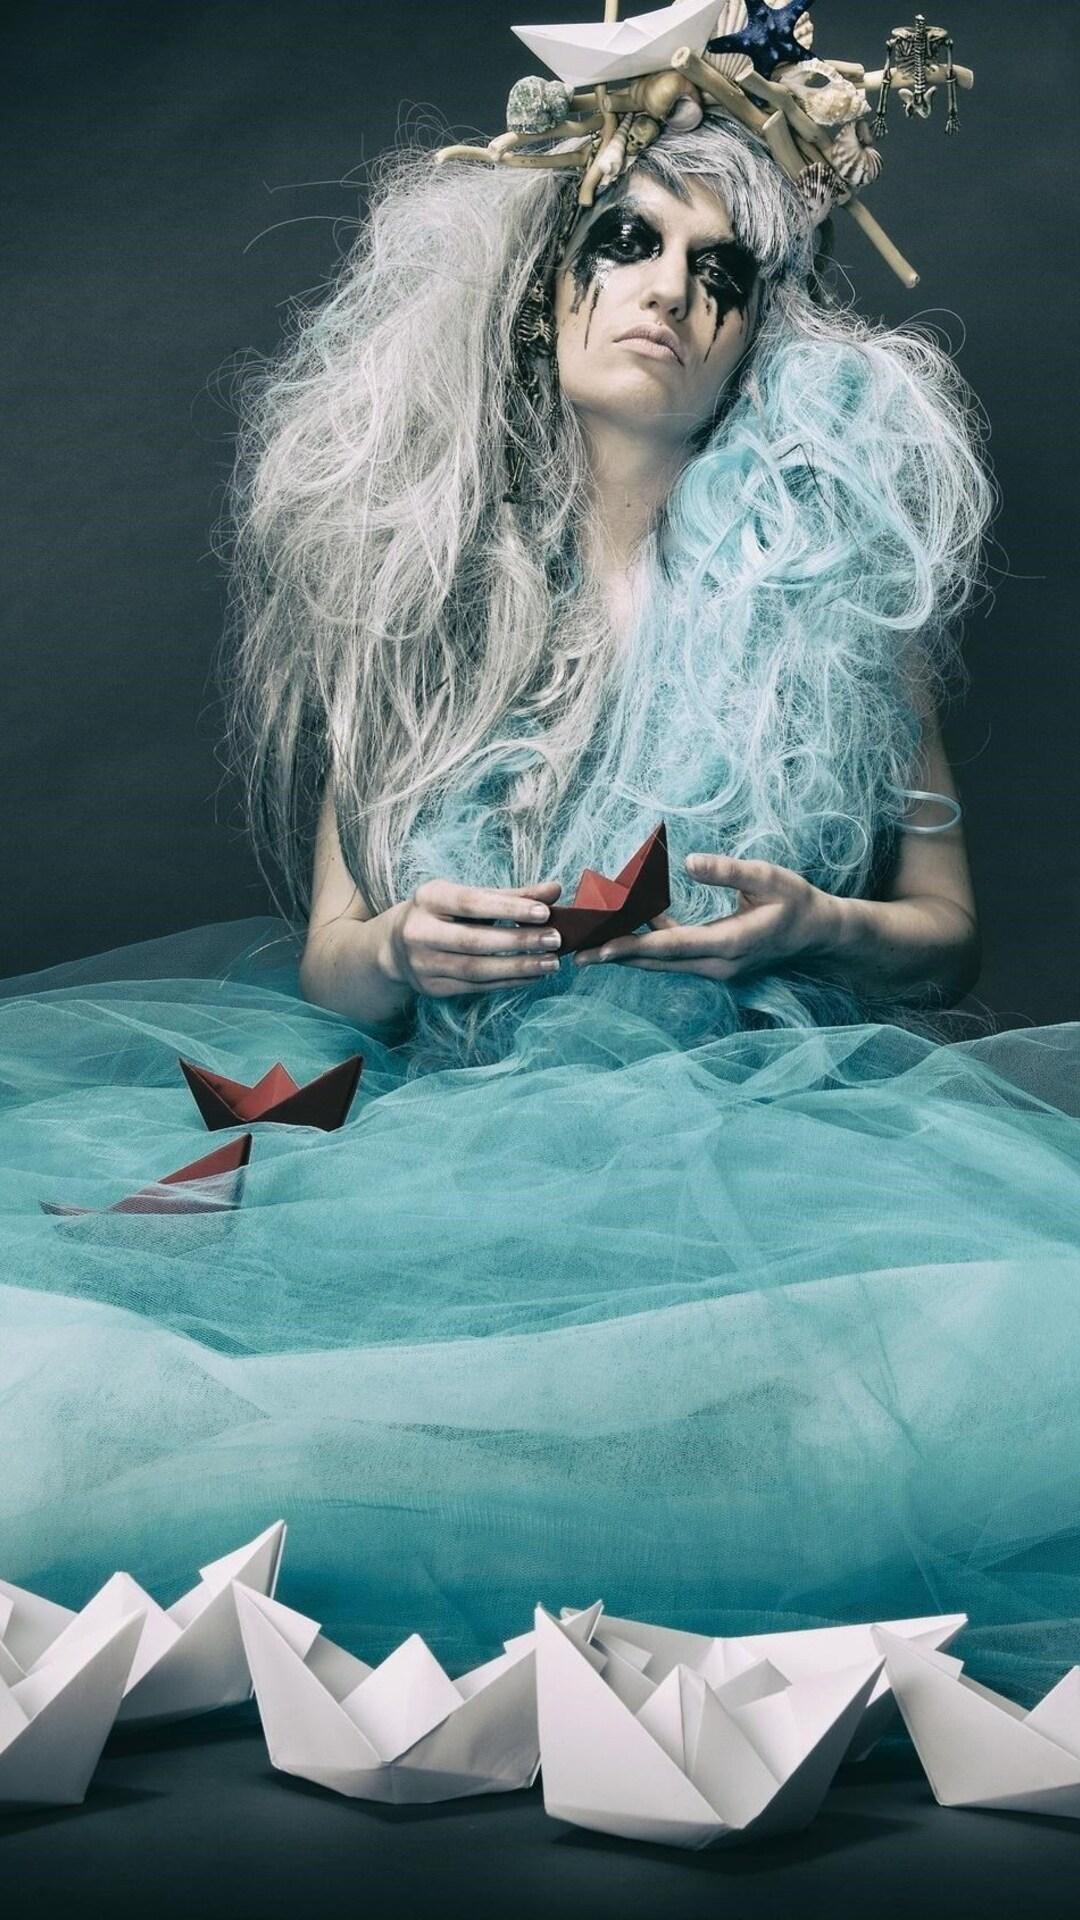 fantasy-art-women-ships.jpg